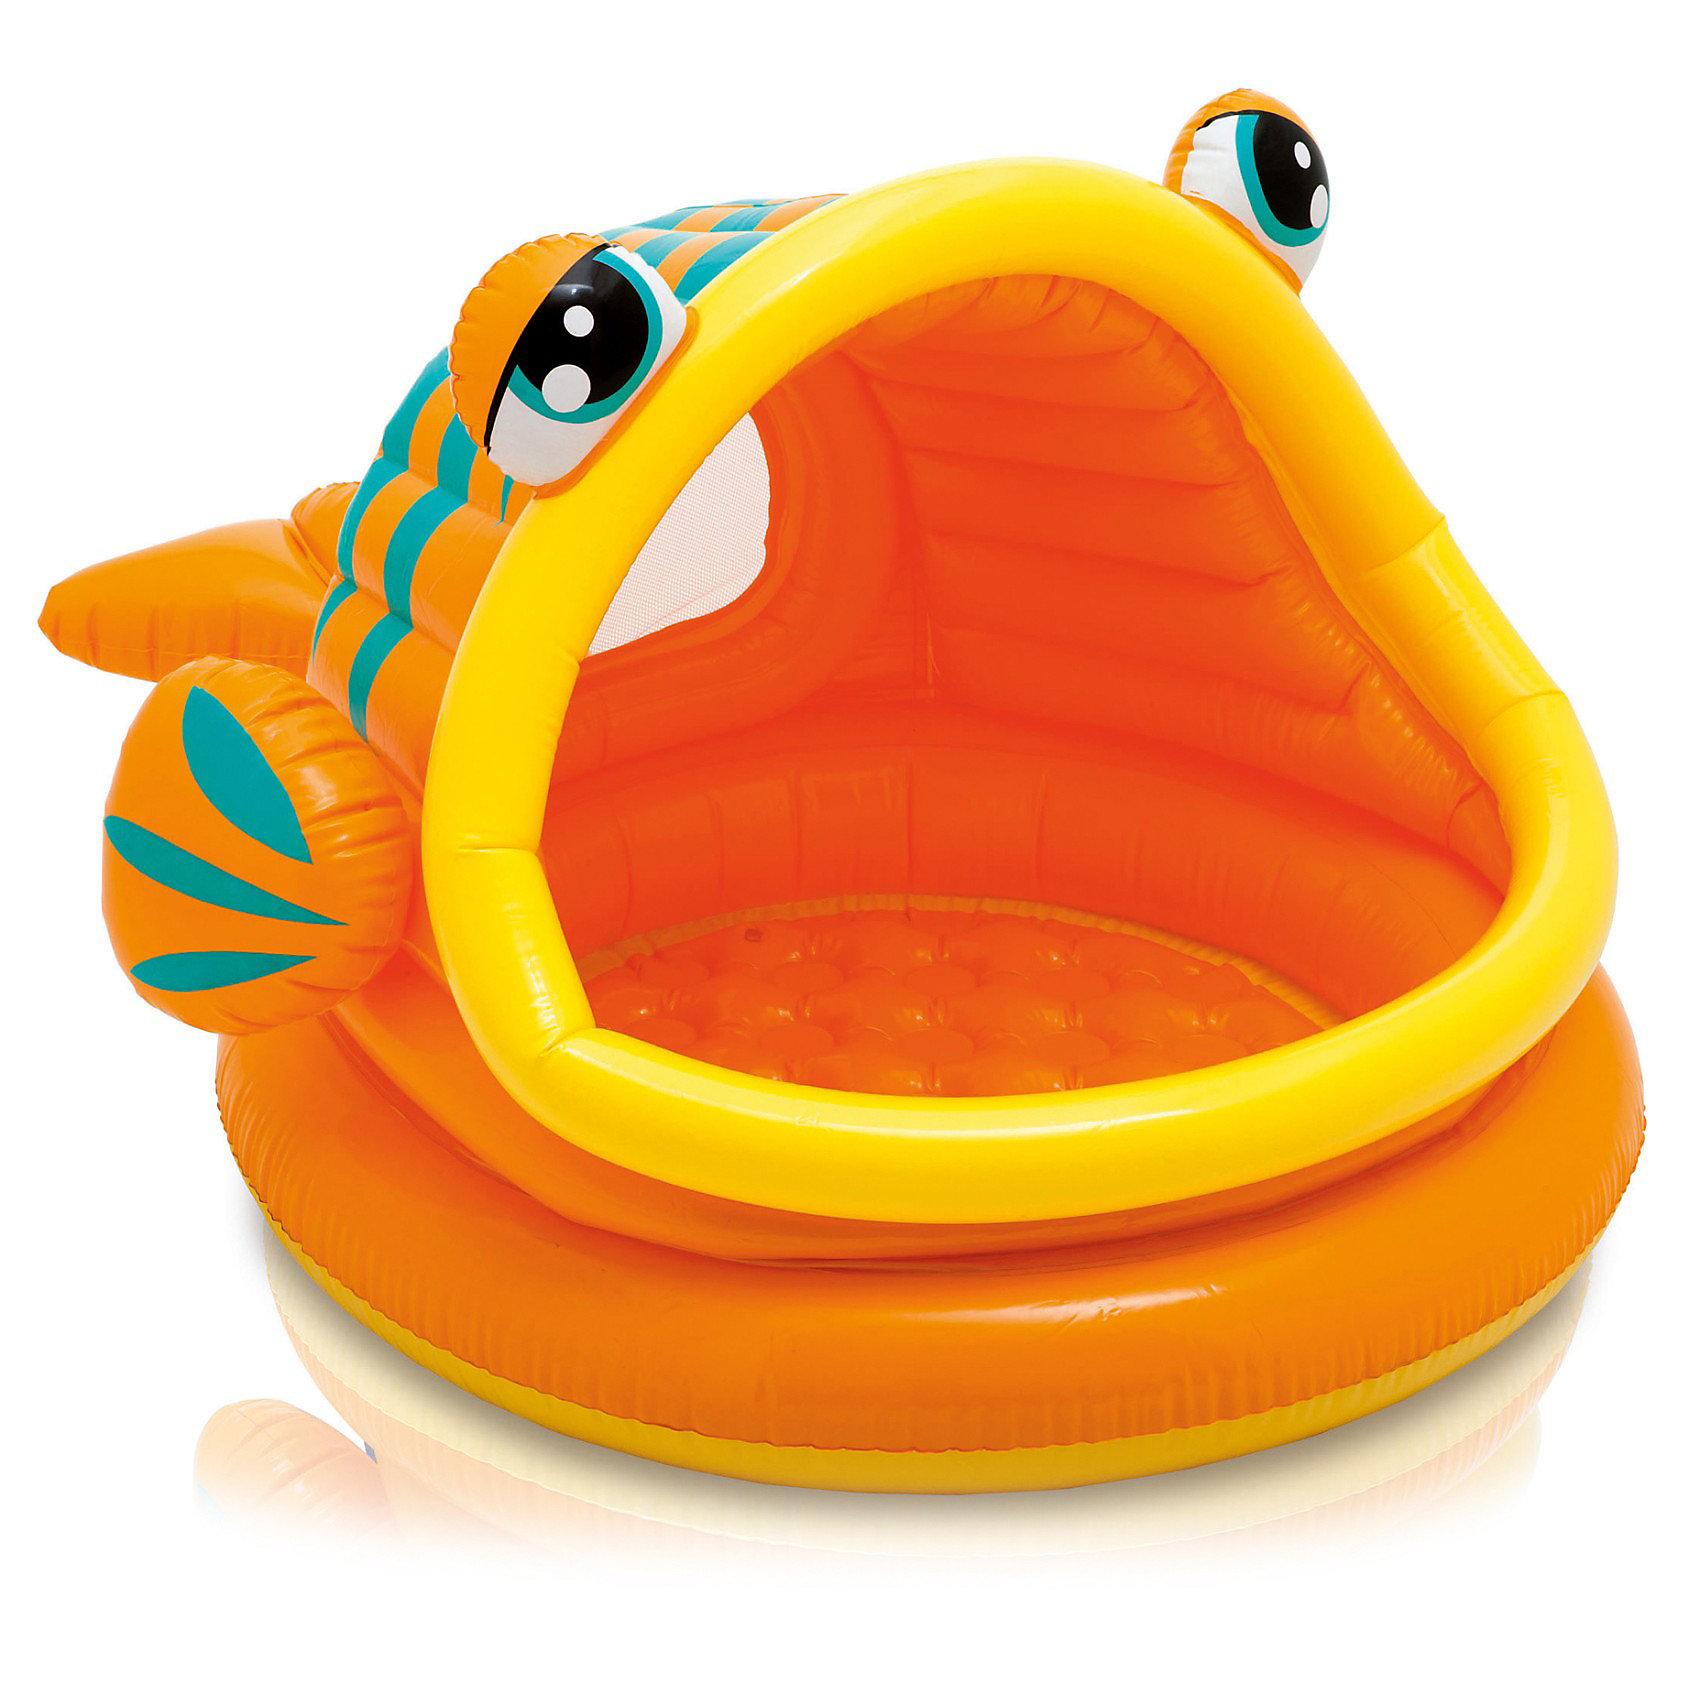 Бассейн с навесом Ленивая рыбка, IntexКрасивый бассейн, выполненный в оригинальном дизайне и яркой цветовой гамме, обязательно понравится малышам. Бассейн имеет навес, который защитит ребенка от солнца. Изготовлен из  высококачественного материала, прочный, безопасный для детей. Бассейн можно использовать как на улице, так и в помещении, в качестве игрового домика для ребенка. <br><br>Дополнительная информация:<br>- Дно: надувное.<br>- Материал: ПВХ.<br>- Размер: 124х109х71 см.<br>- Объем: 53 литра.<br>- Цвет: оранжевый.<br><br>Бассейн с навесом Ленивая рыбка, Intex можно купить в нашем магазине.<br><br>Ширина мм: 310<br>Глубина мм: 271<br>Высота мм: 81<br>Вес г: 1843<br>Возраст от месяцев: 12<br>Возраст до месяцев: 36<br>Пол: Унисекс<br>Возраст: Детский<br>SKU: 3340380